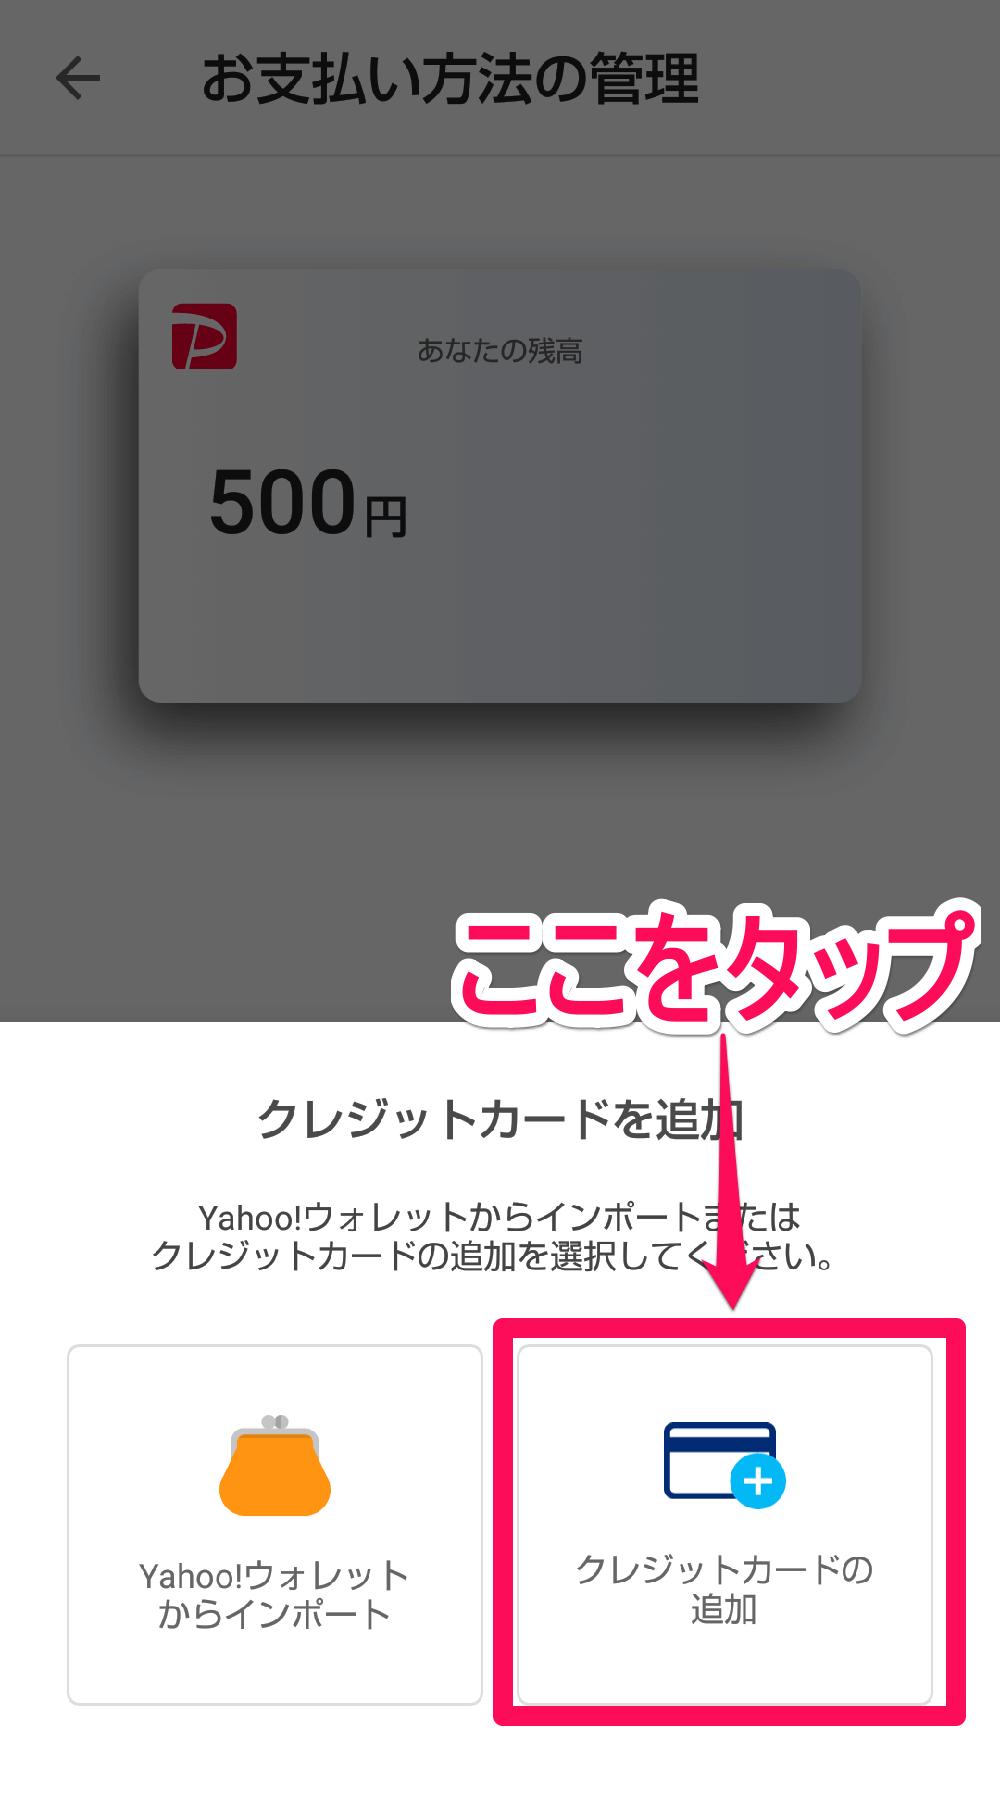 PayPayアプリ(ペイペイアプリ)のクレジットカードを追加画面